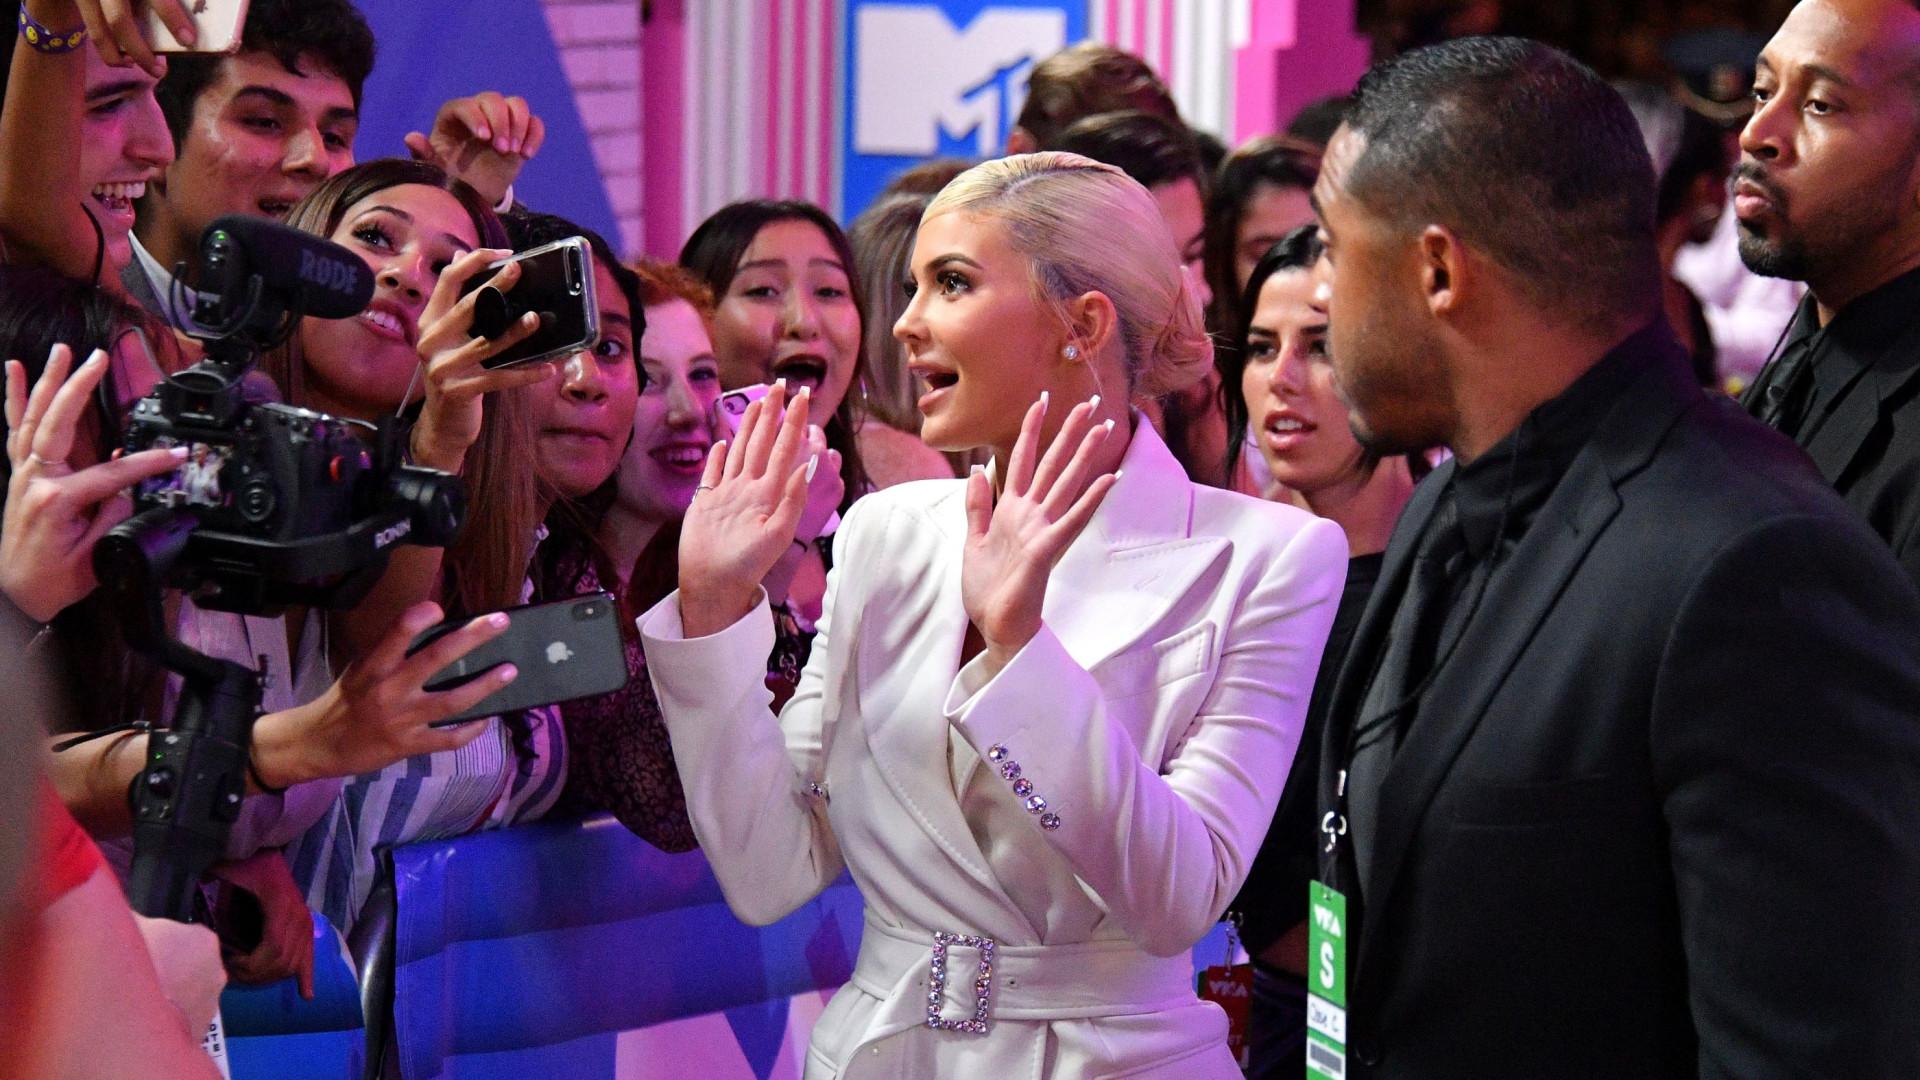 Reação de Kylie Jenner à atuação do namorado alvo de críticas